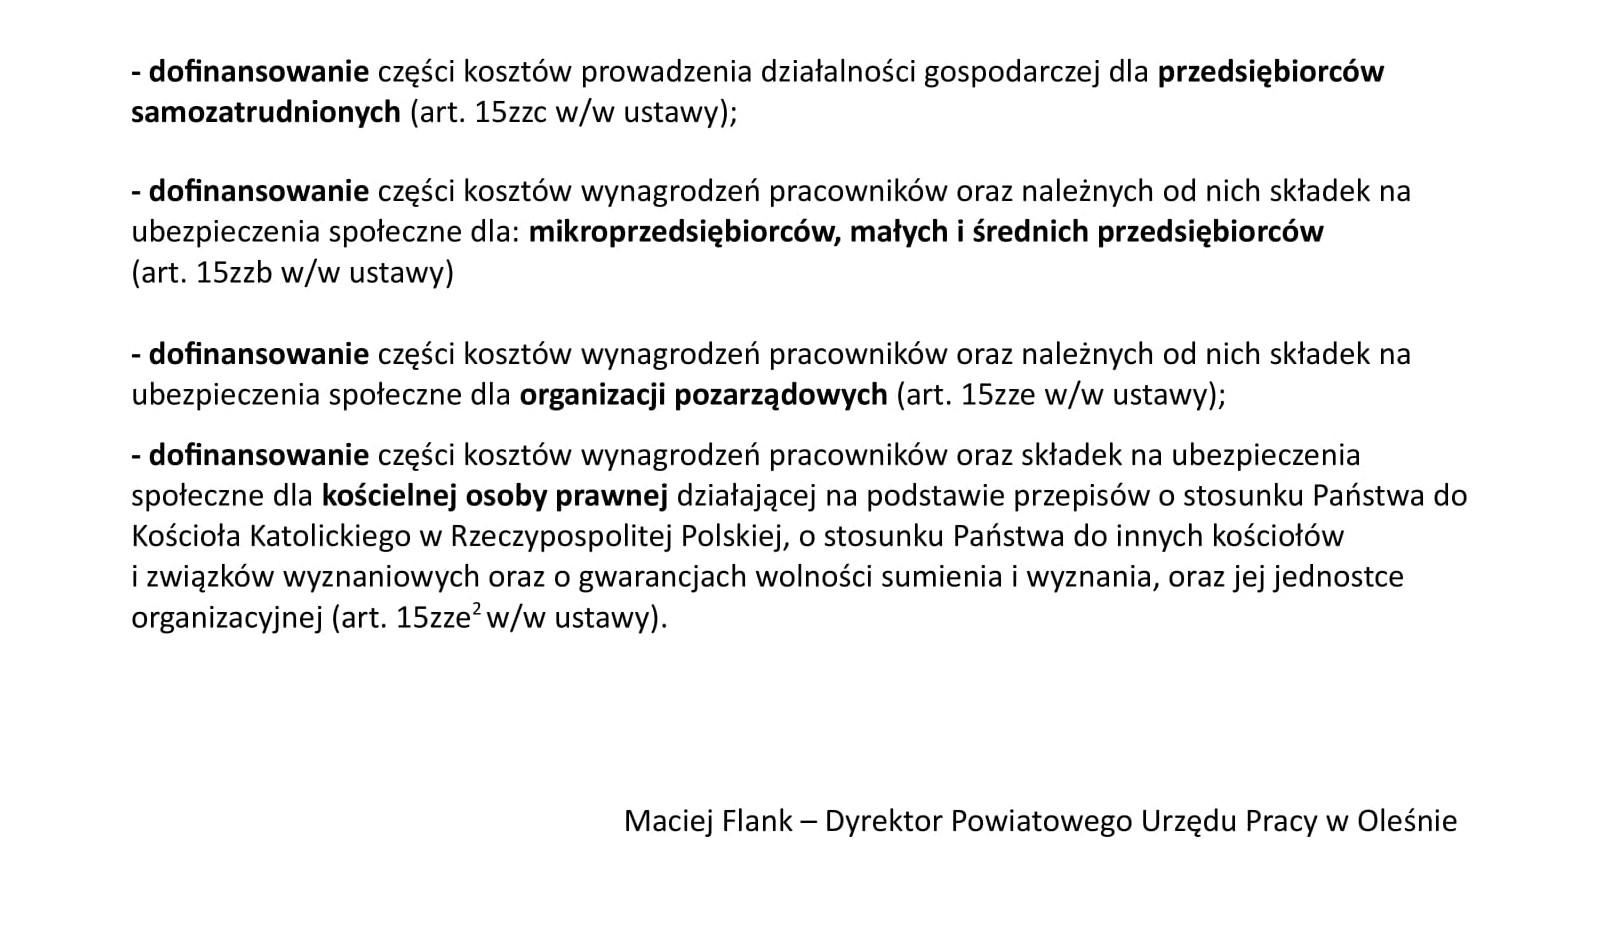 ogloszenie_pup-olesno-2